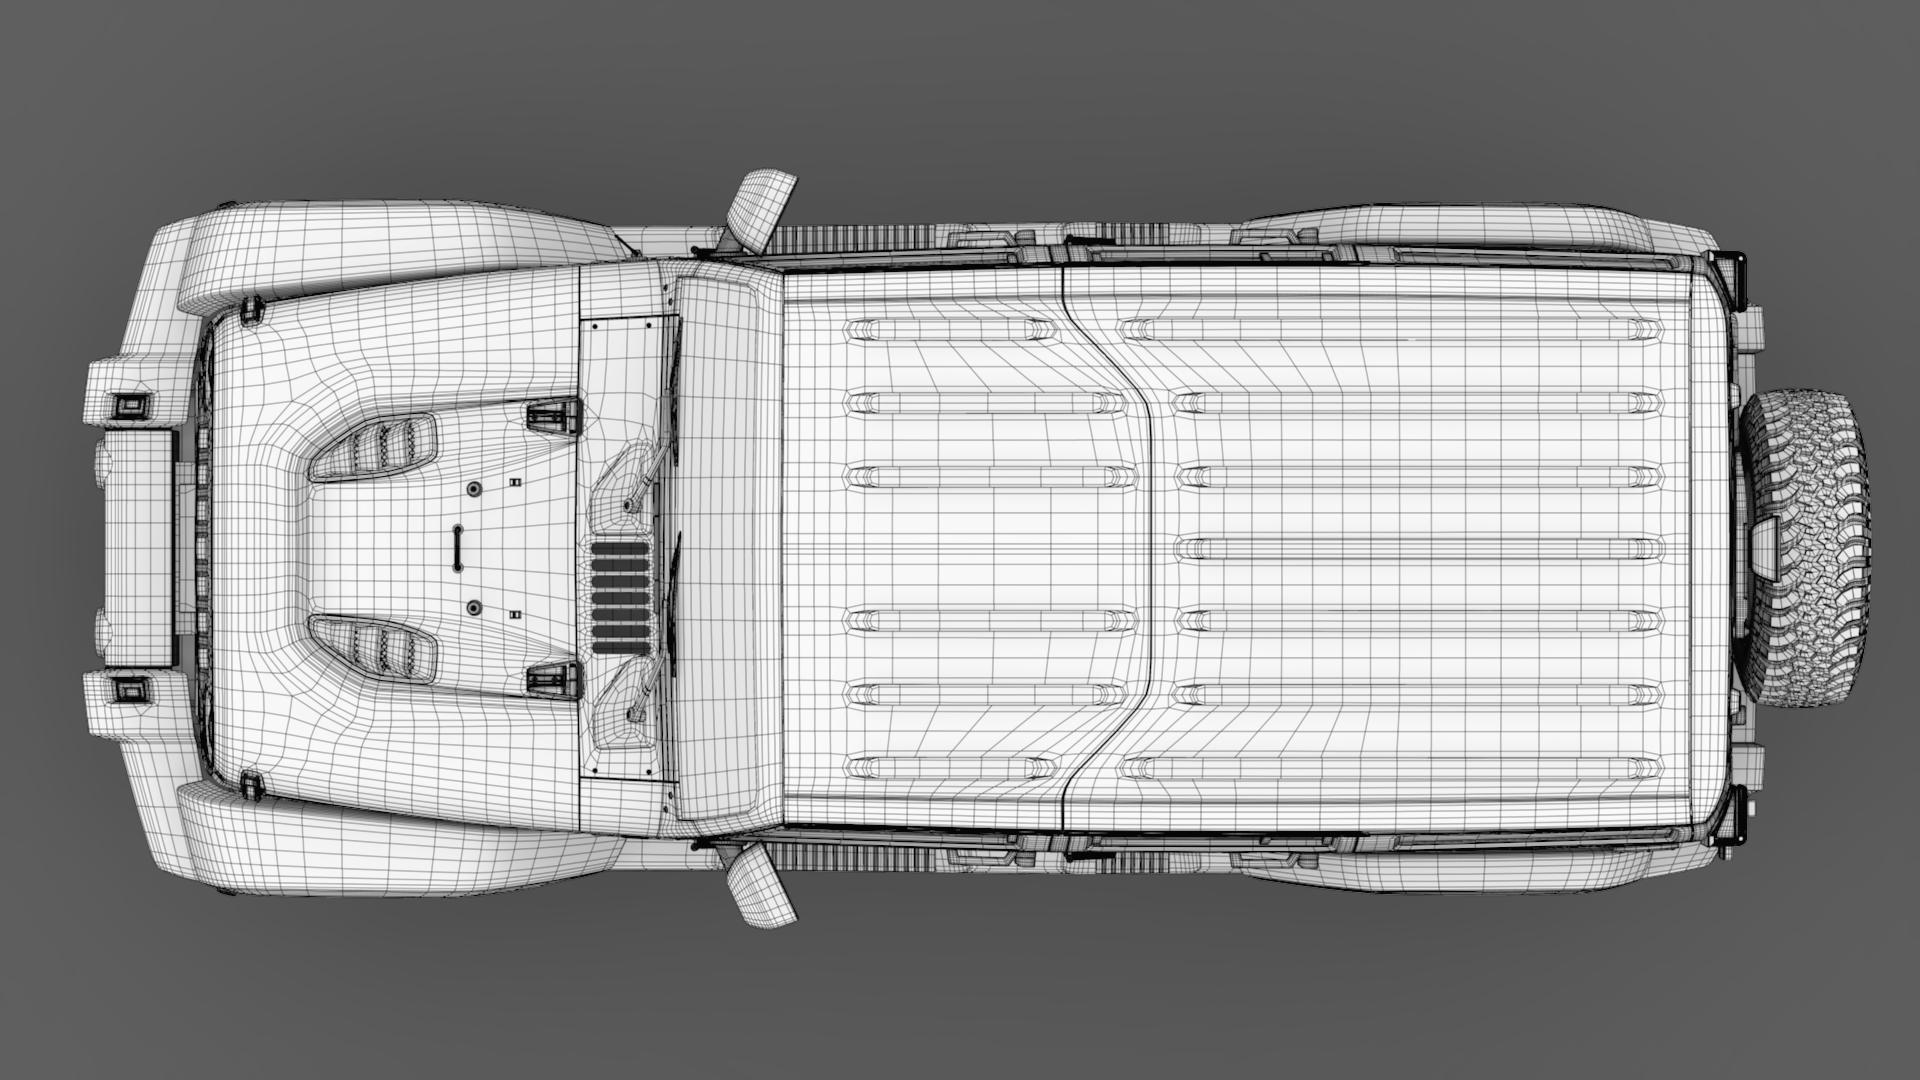 jeep wrangler unlimited chief jk 2017 3d model max fbx c4d lwo ma mb hrc xsi obj 276984